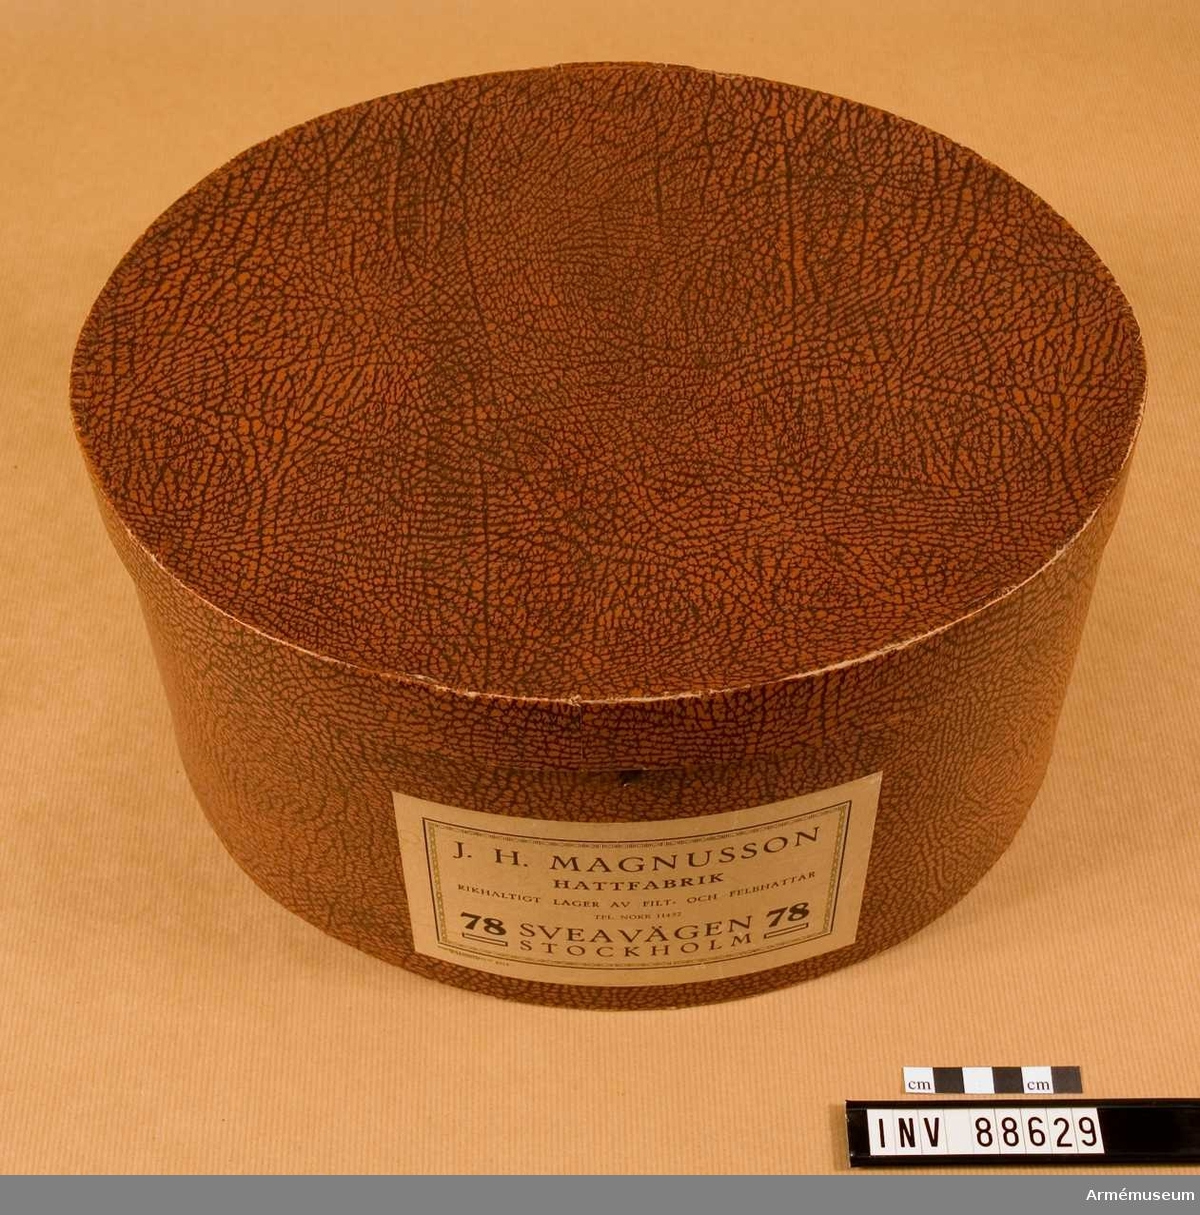 Hattask i papp med lädermönstrad utsida. Etikett med text: J.H. Magnussons hattfabrik. Sveavägen 78 Stockholm. I asken förvaras käppi AM. 88628.